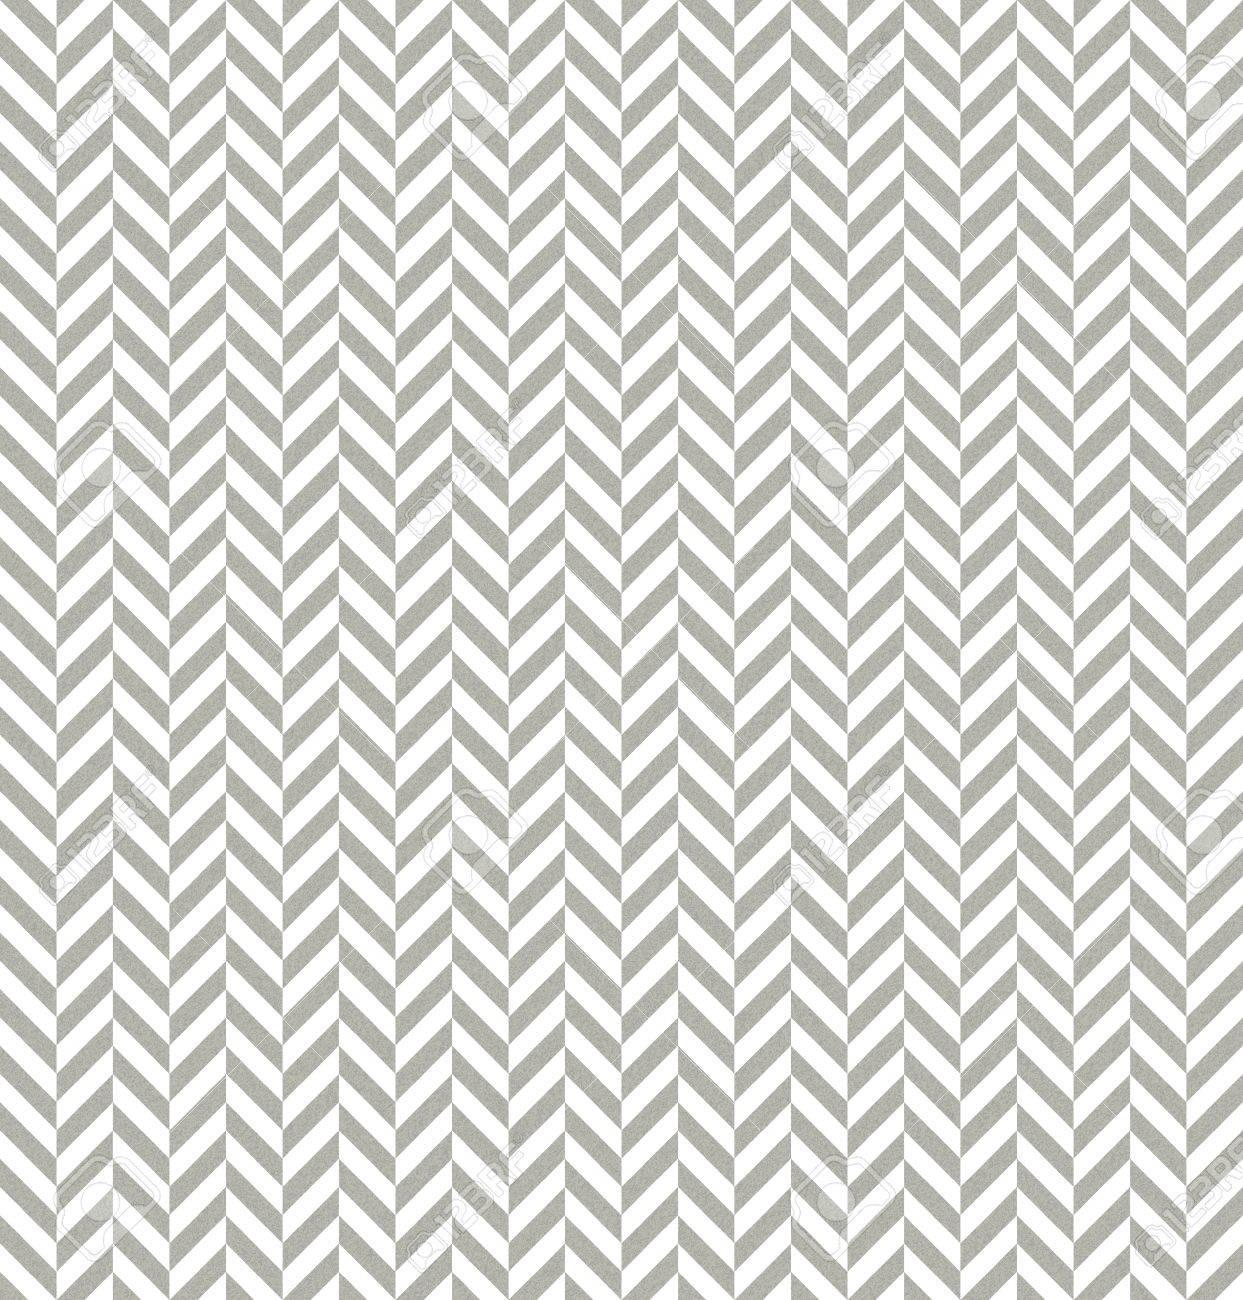 englisch tweed nahtlose textur in weiß und kalt grauen farben